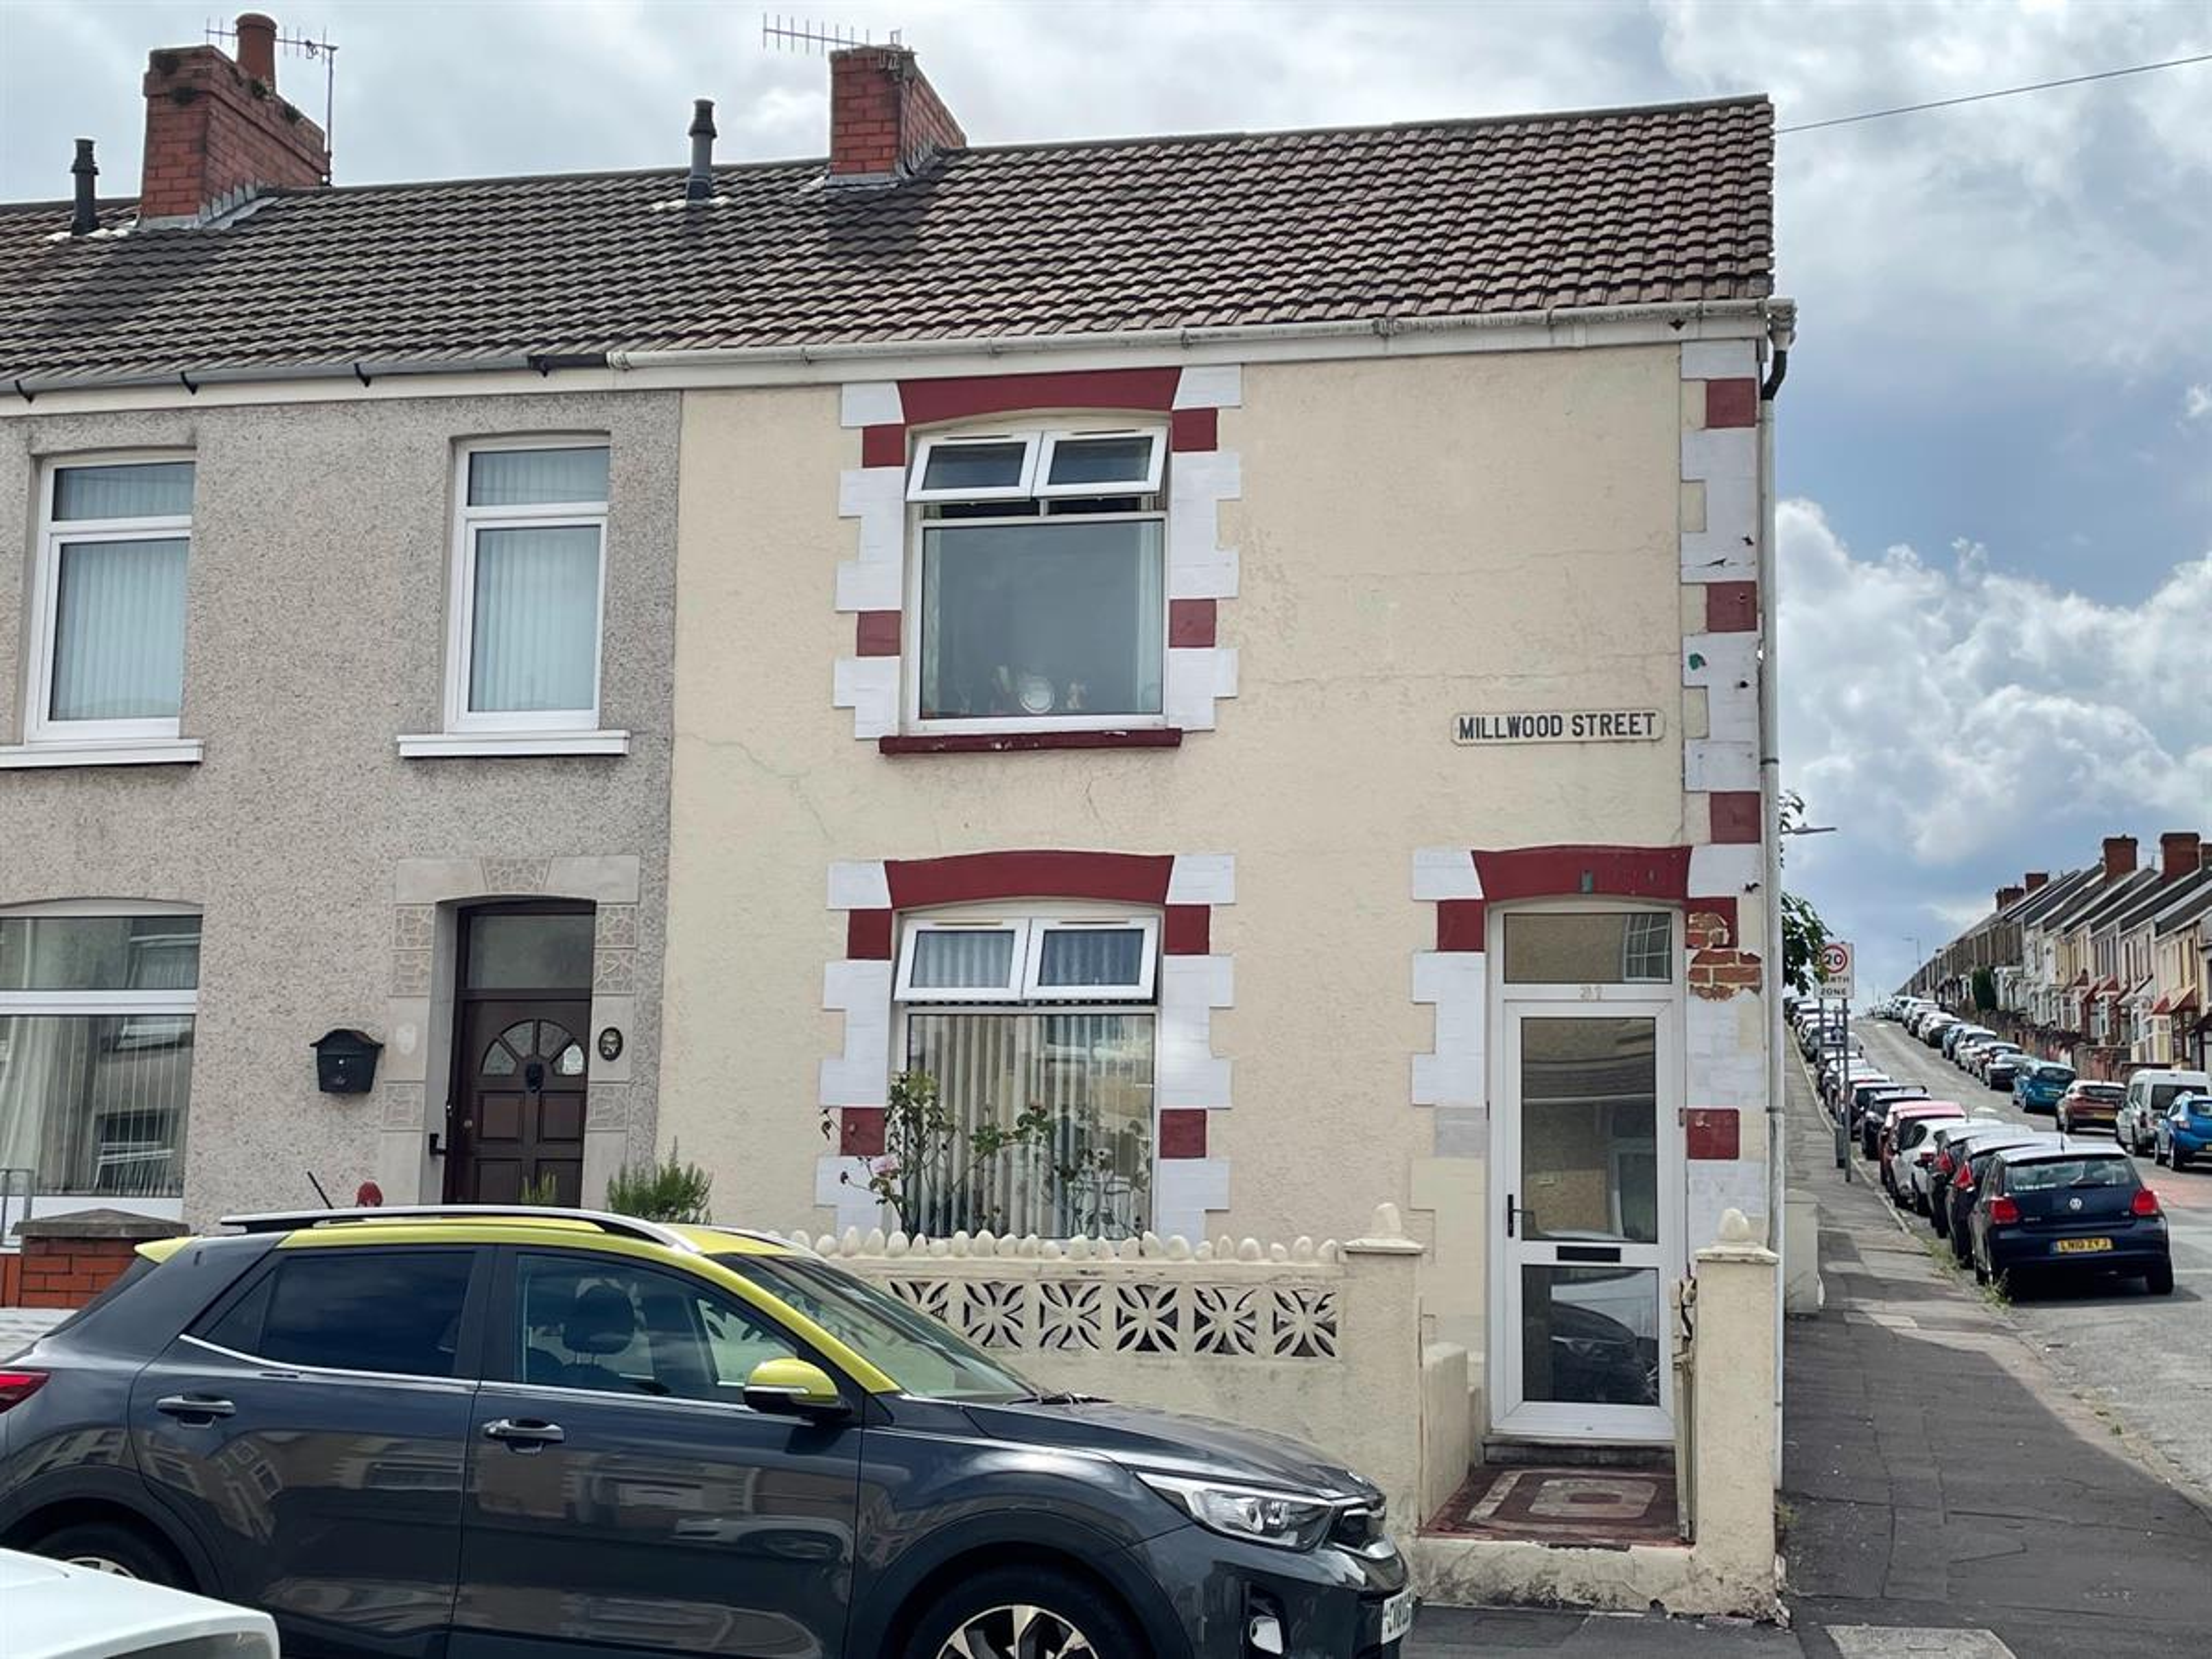 Millwood Street, Manselton, Swansea